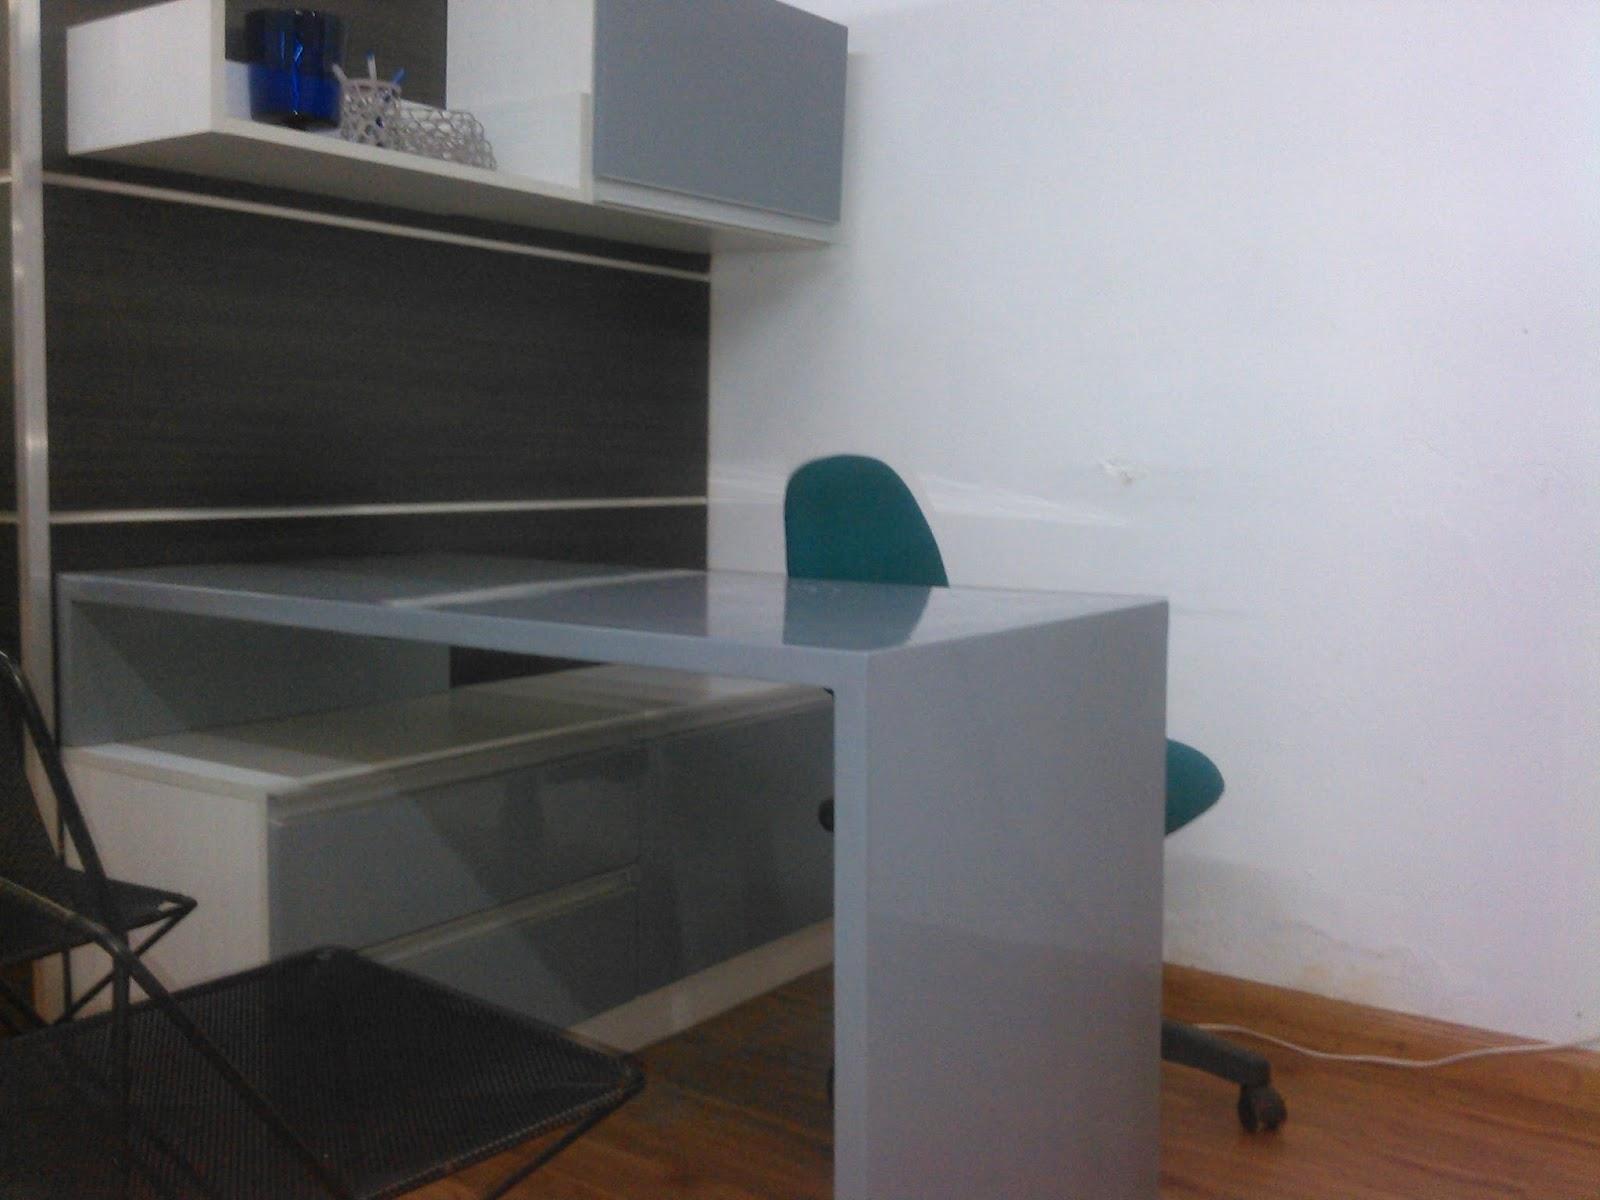 Imágenes mesas de oficina Muebles de oficina OfficeDeco  - imagenes muebles de oficina